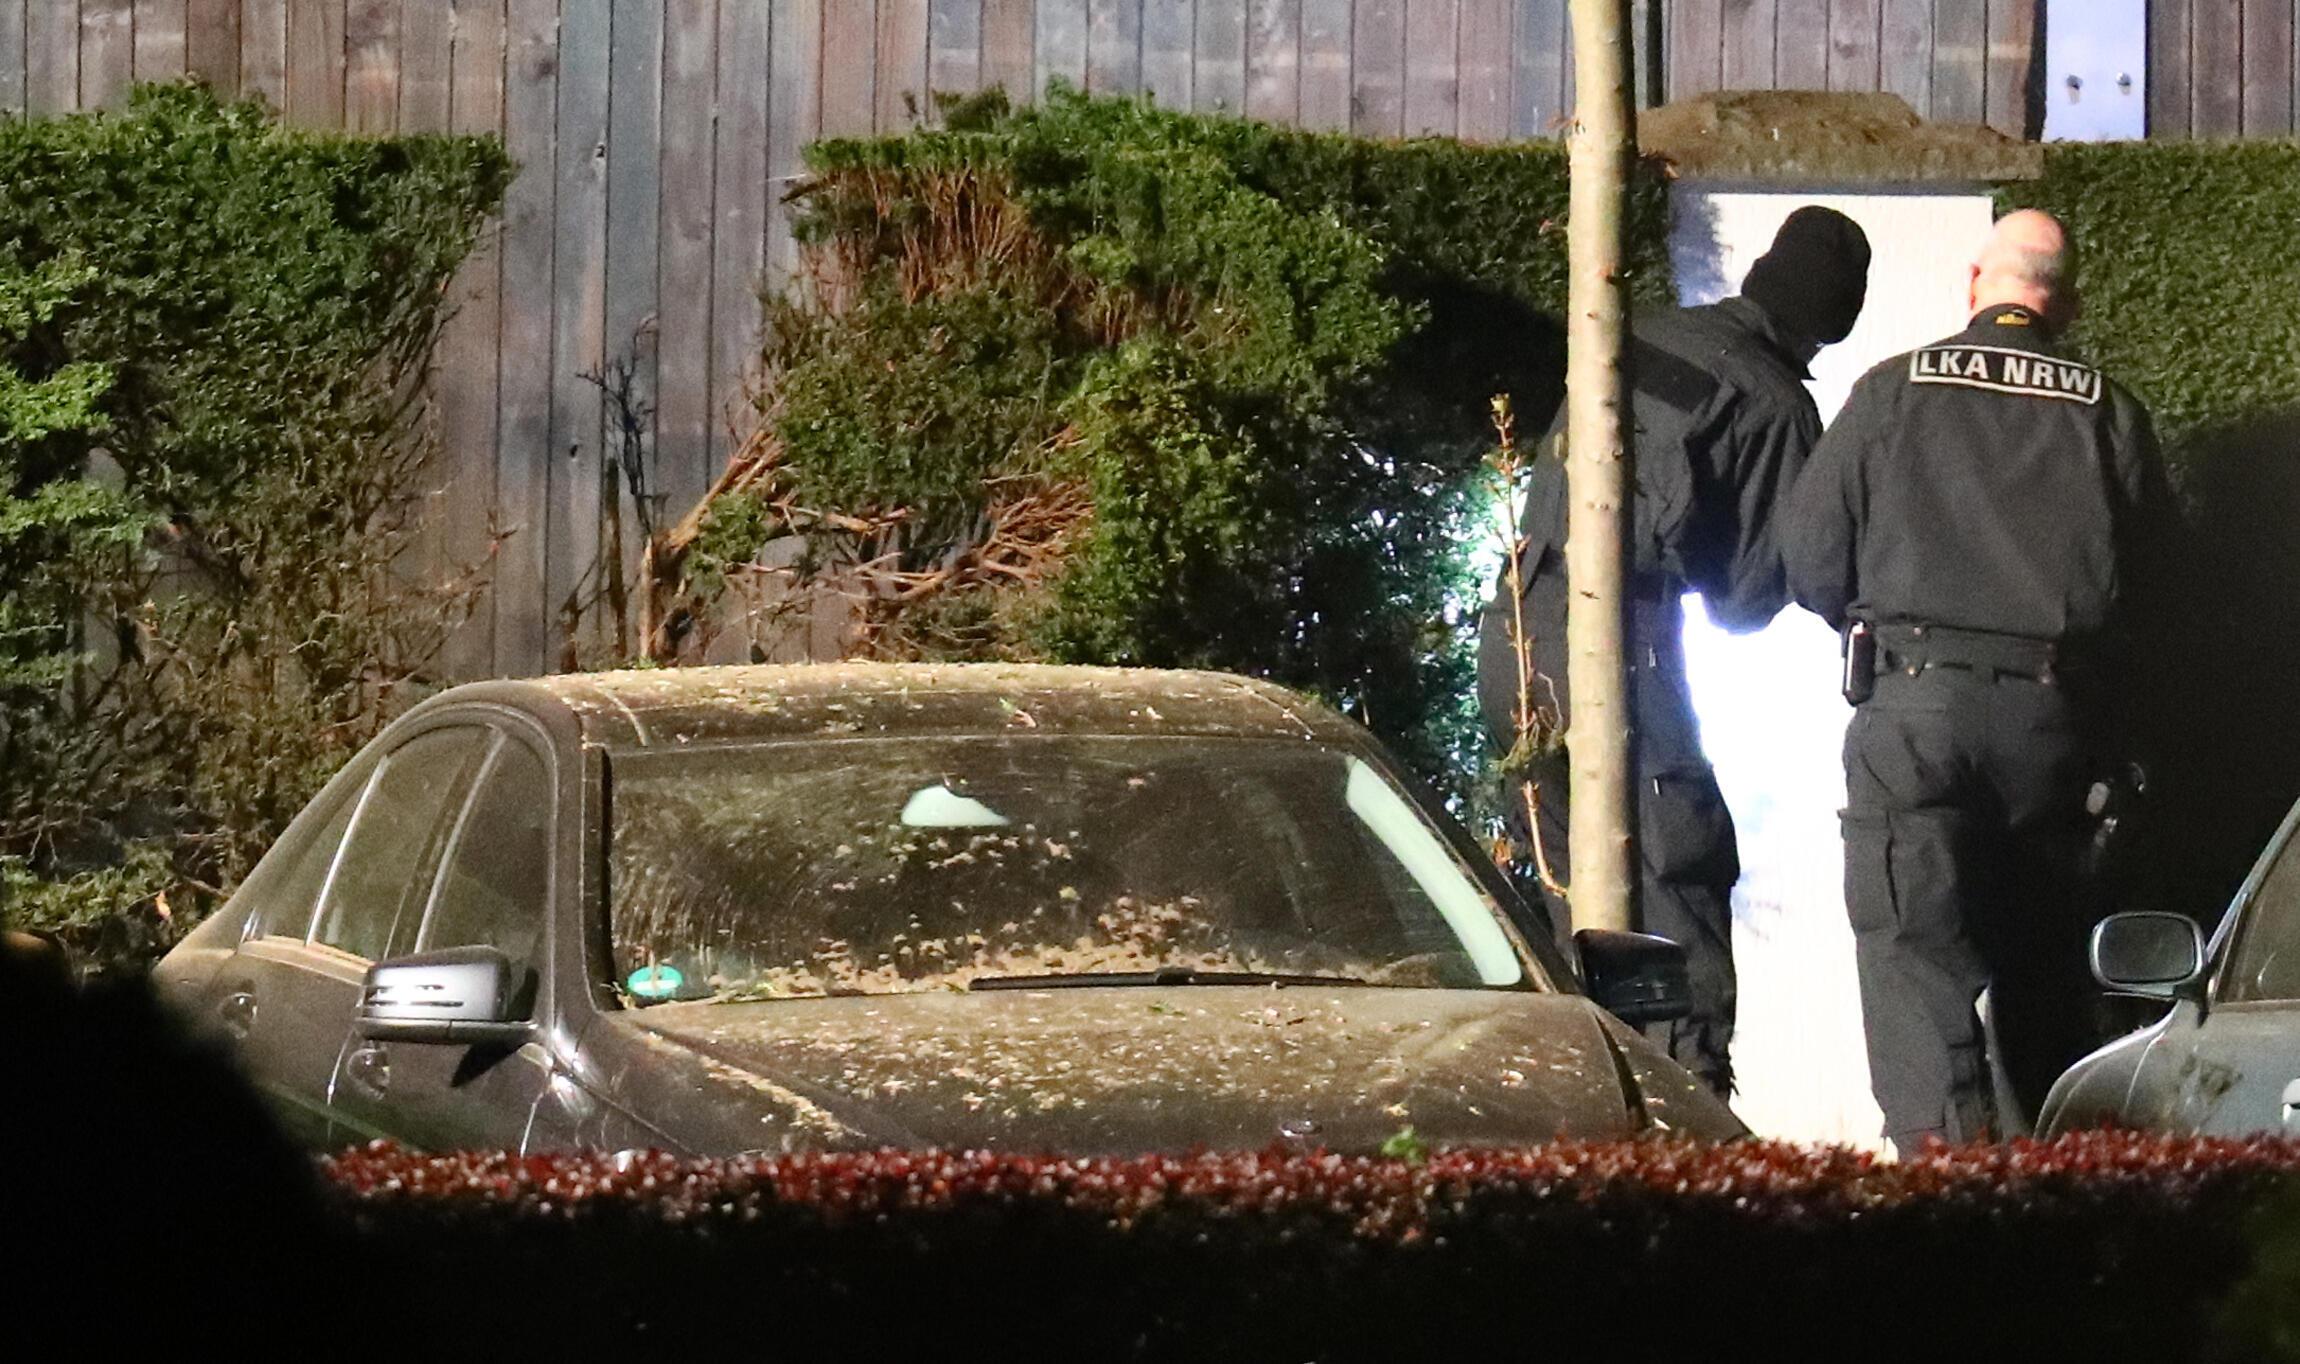 پلیس آلمان در حال تجسس در منطقهای که انفجار در آنجا رخ داده است . دورتموند، ١١ آوریل ٢٠۱٧